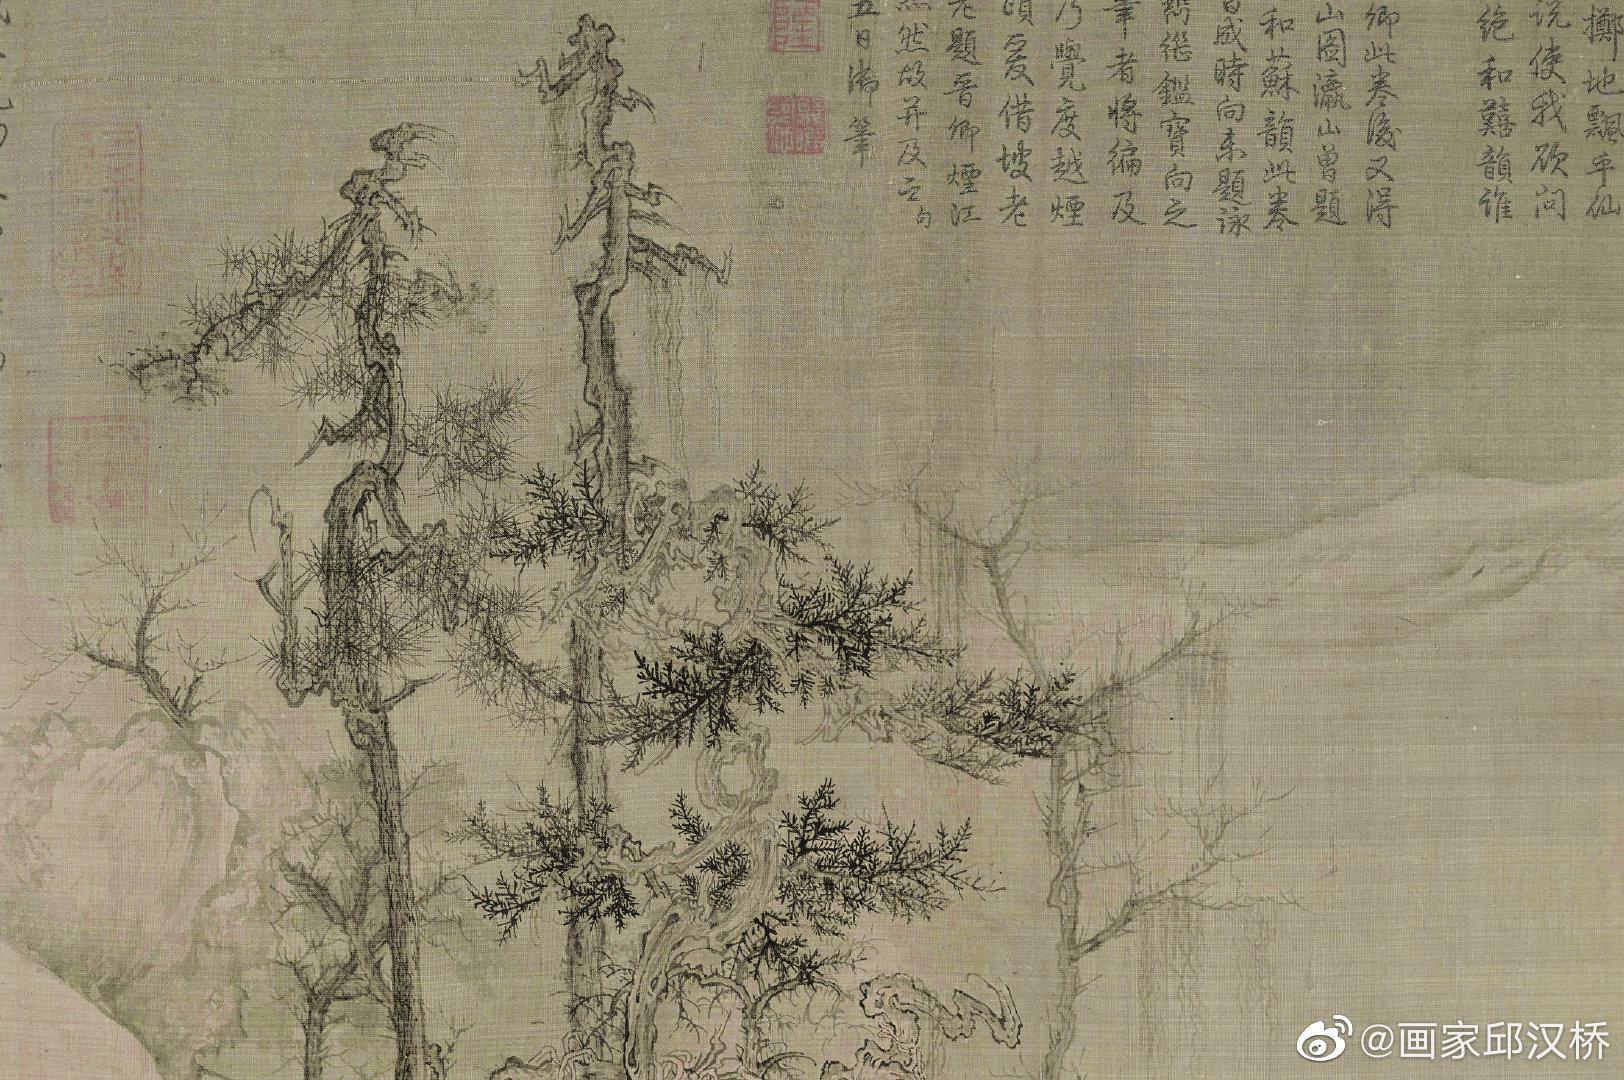 《渔村小雪图》,北宋,王诜,设色绢本,纵44.4厘米……